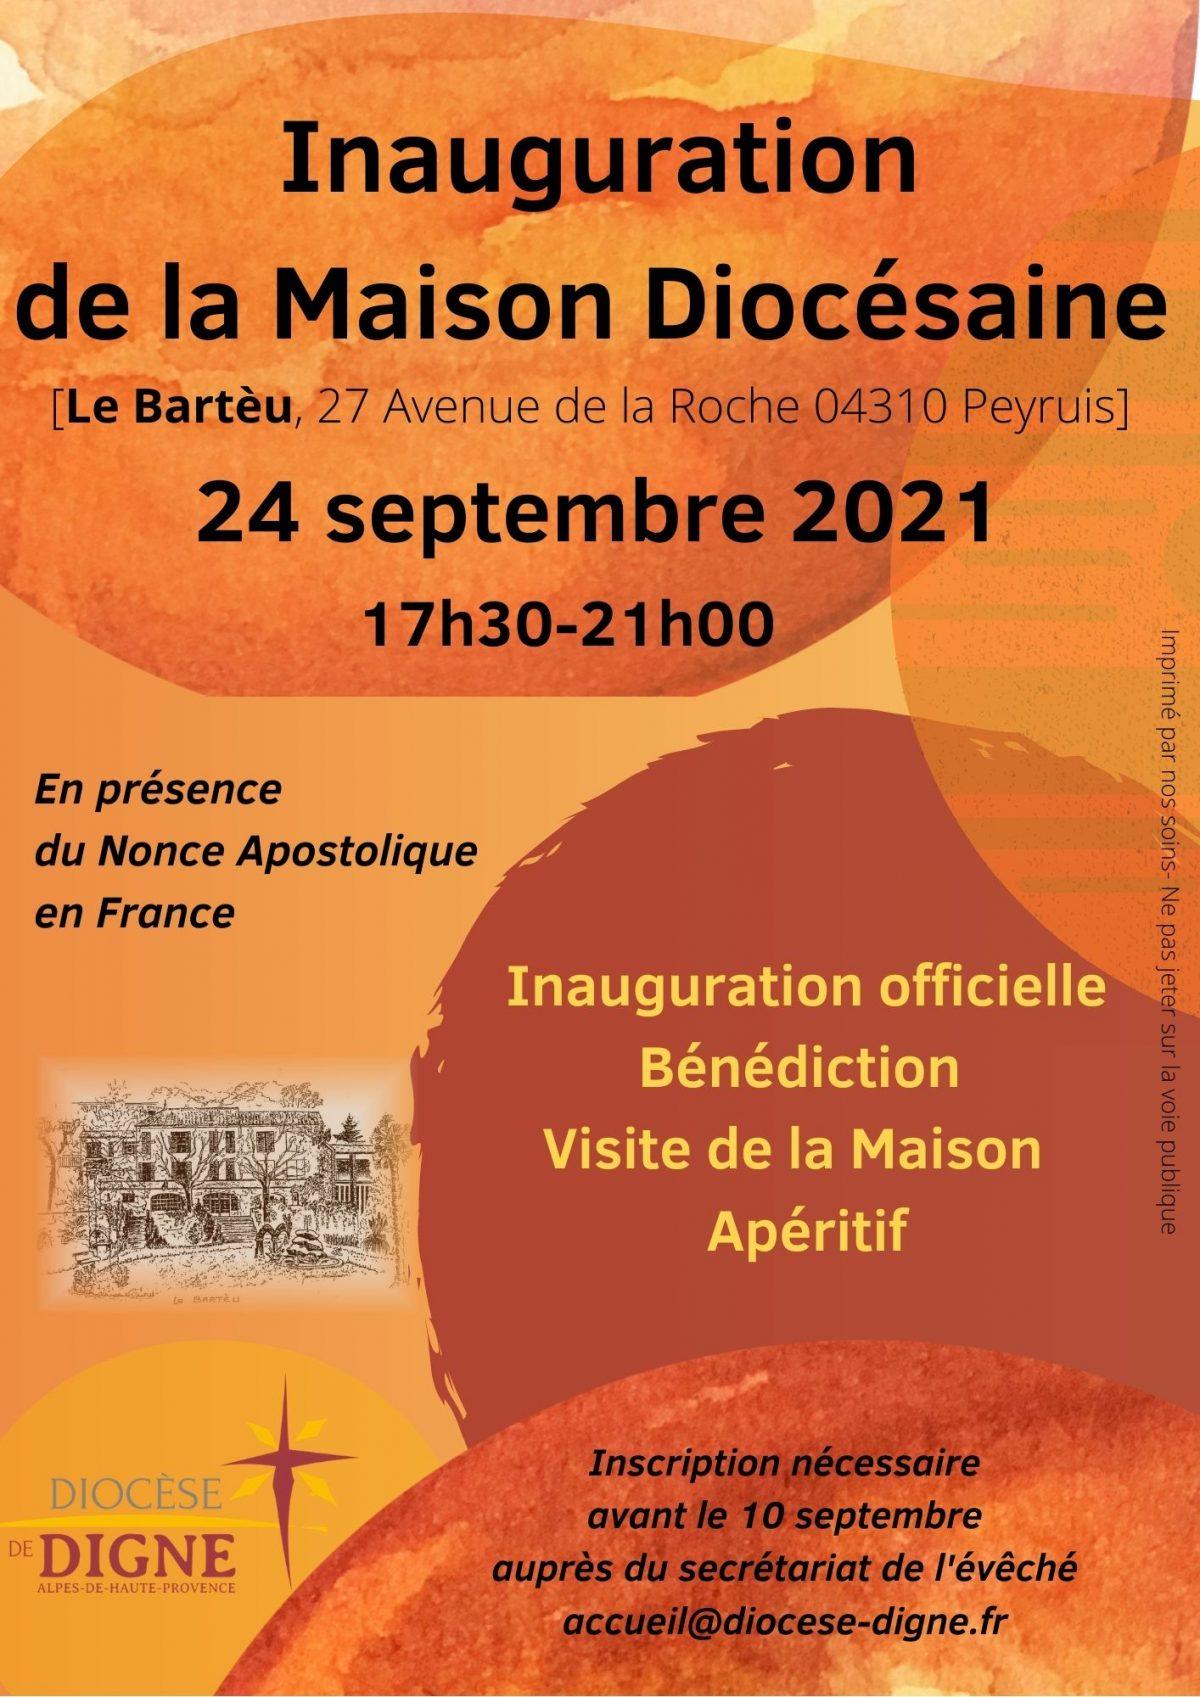 INAUGURATION DE LA MAISON DIOCÉSAINE, le Bartèu